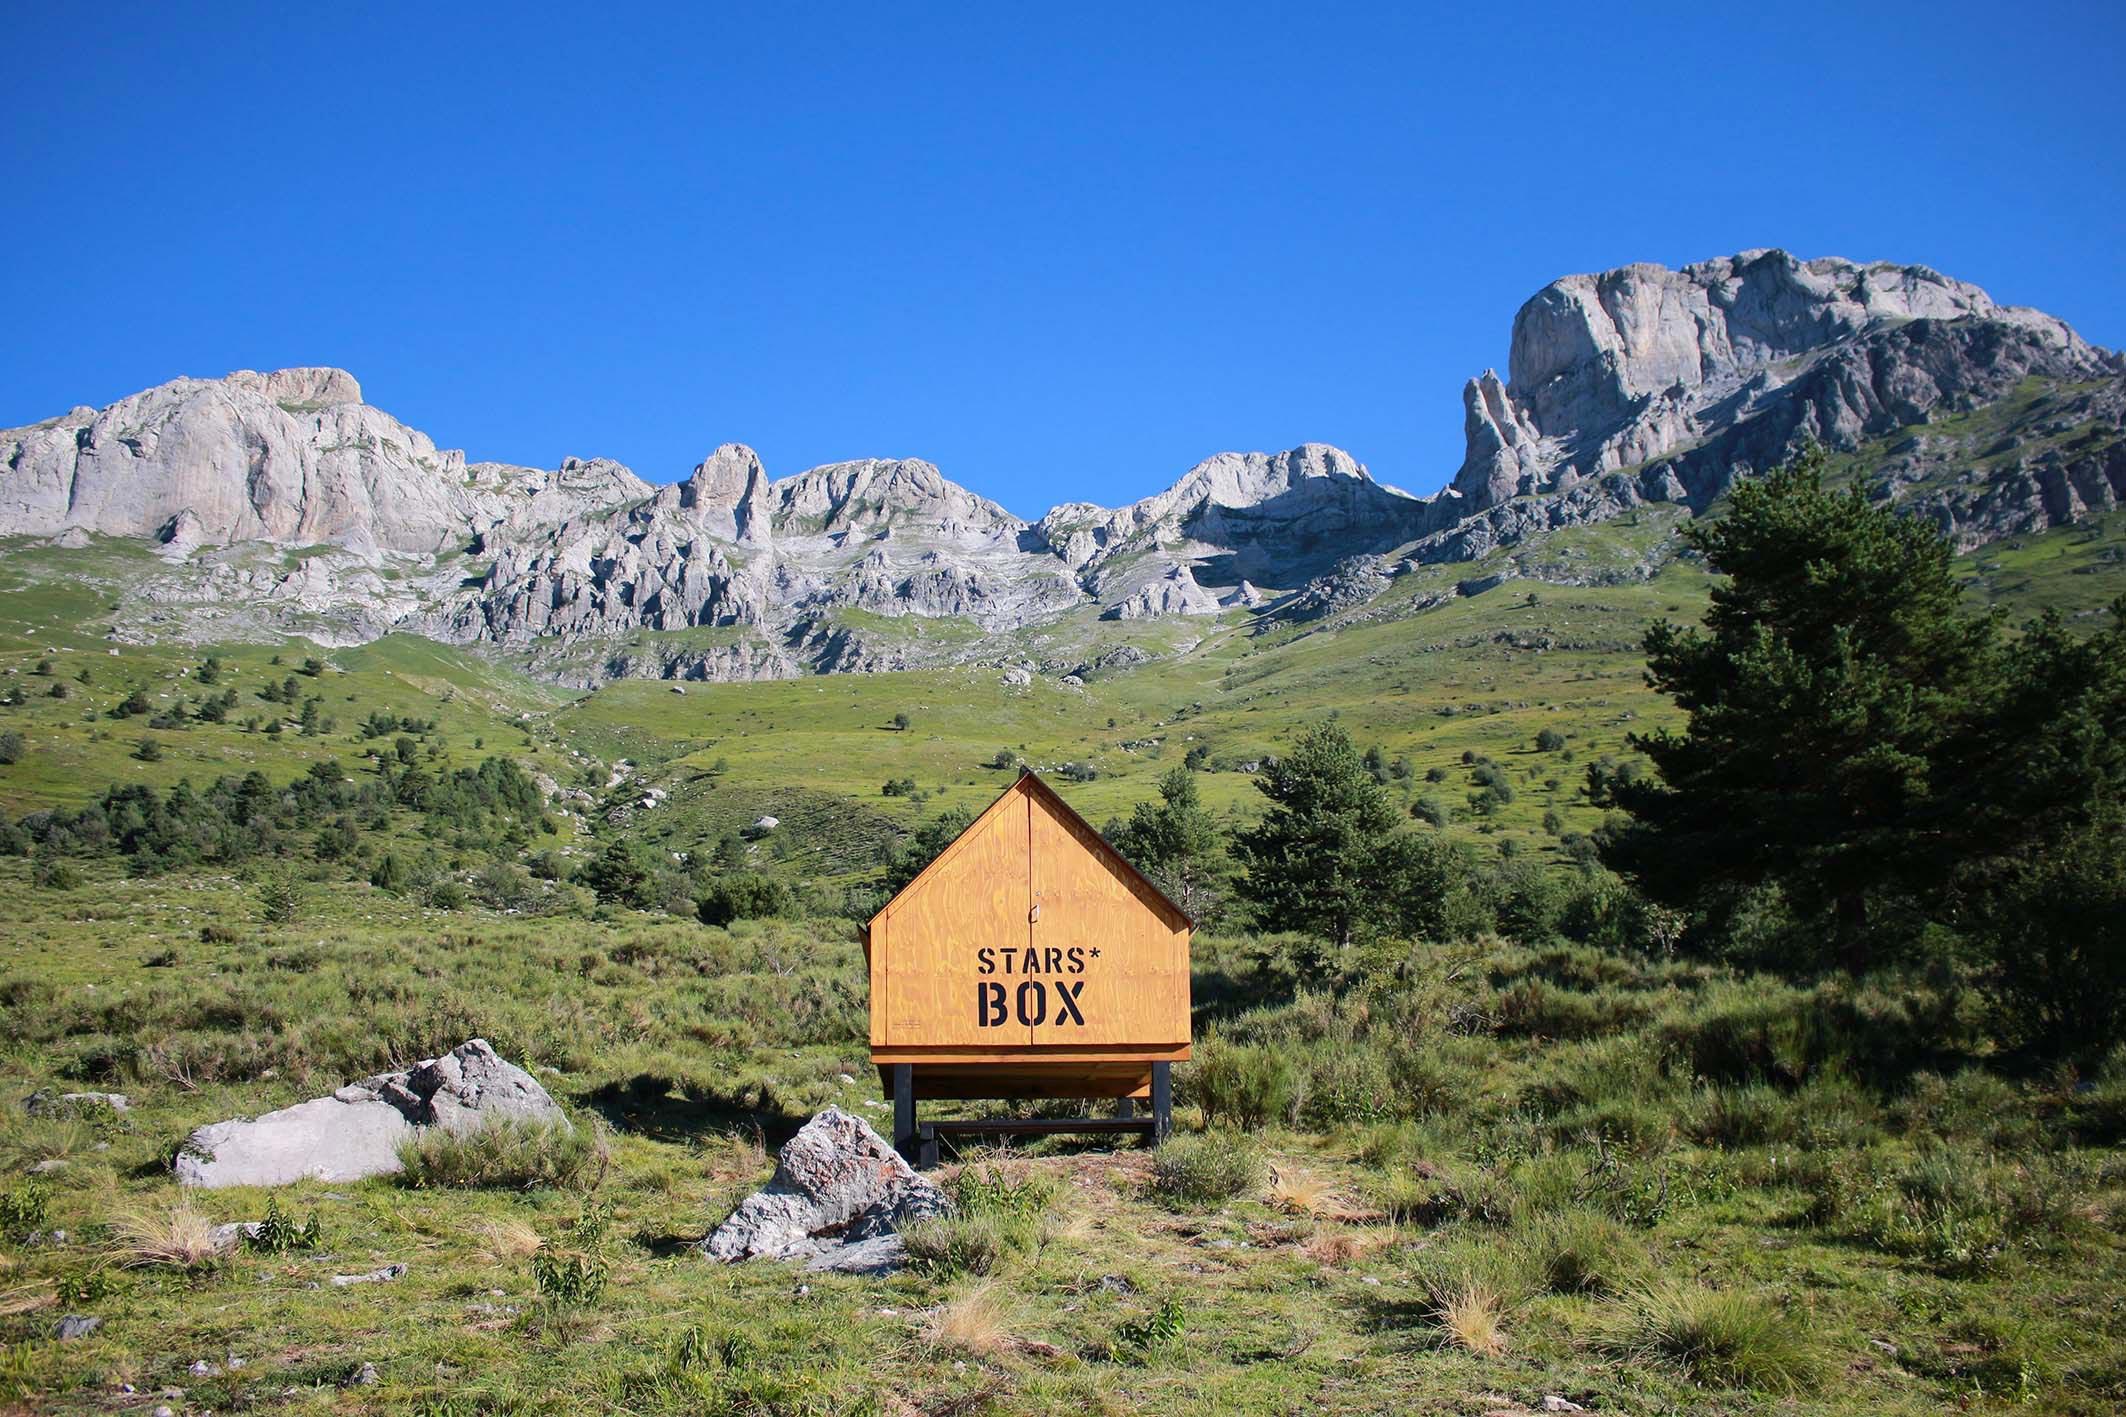 starsbox capsule hotel in montagna